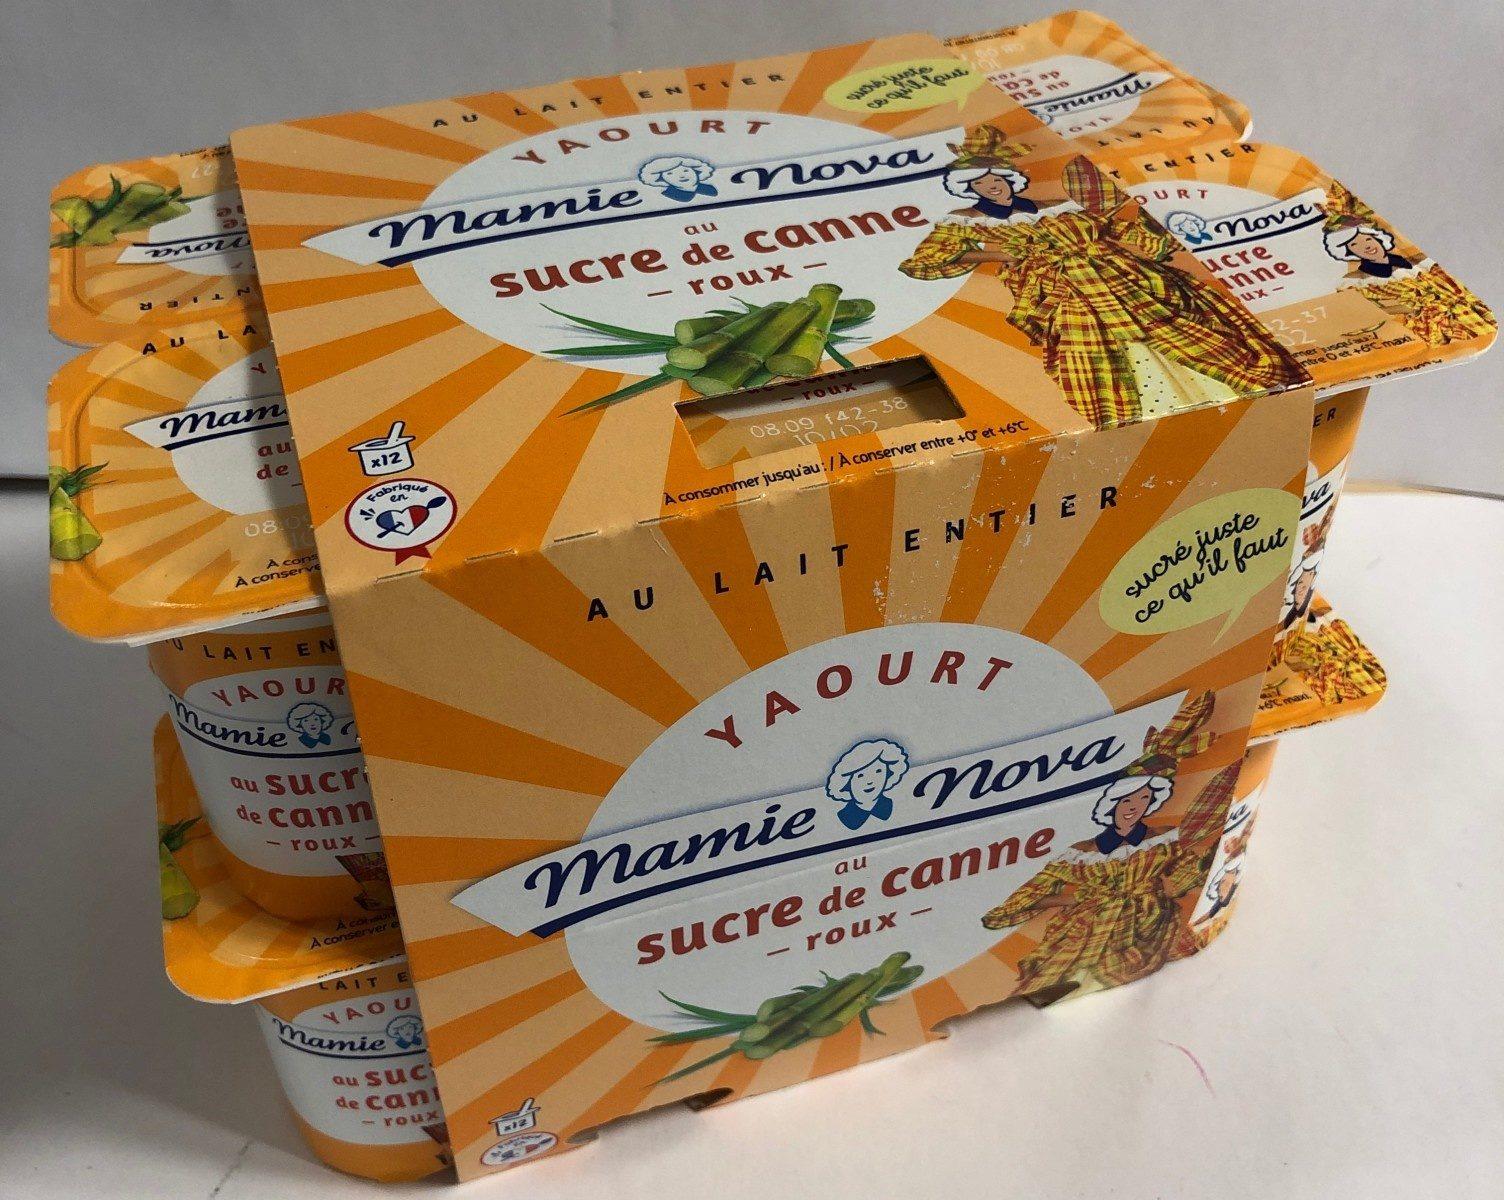 Yaourt Sucre de canne Roux 12x125g - Product